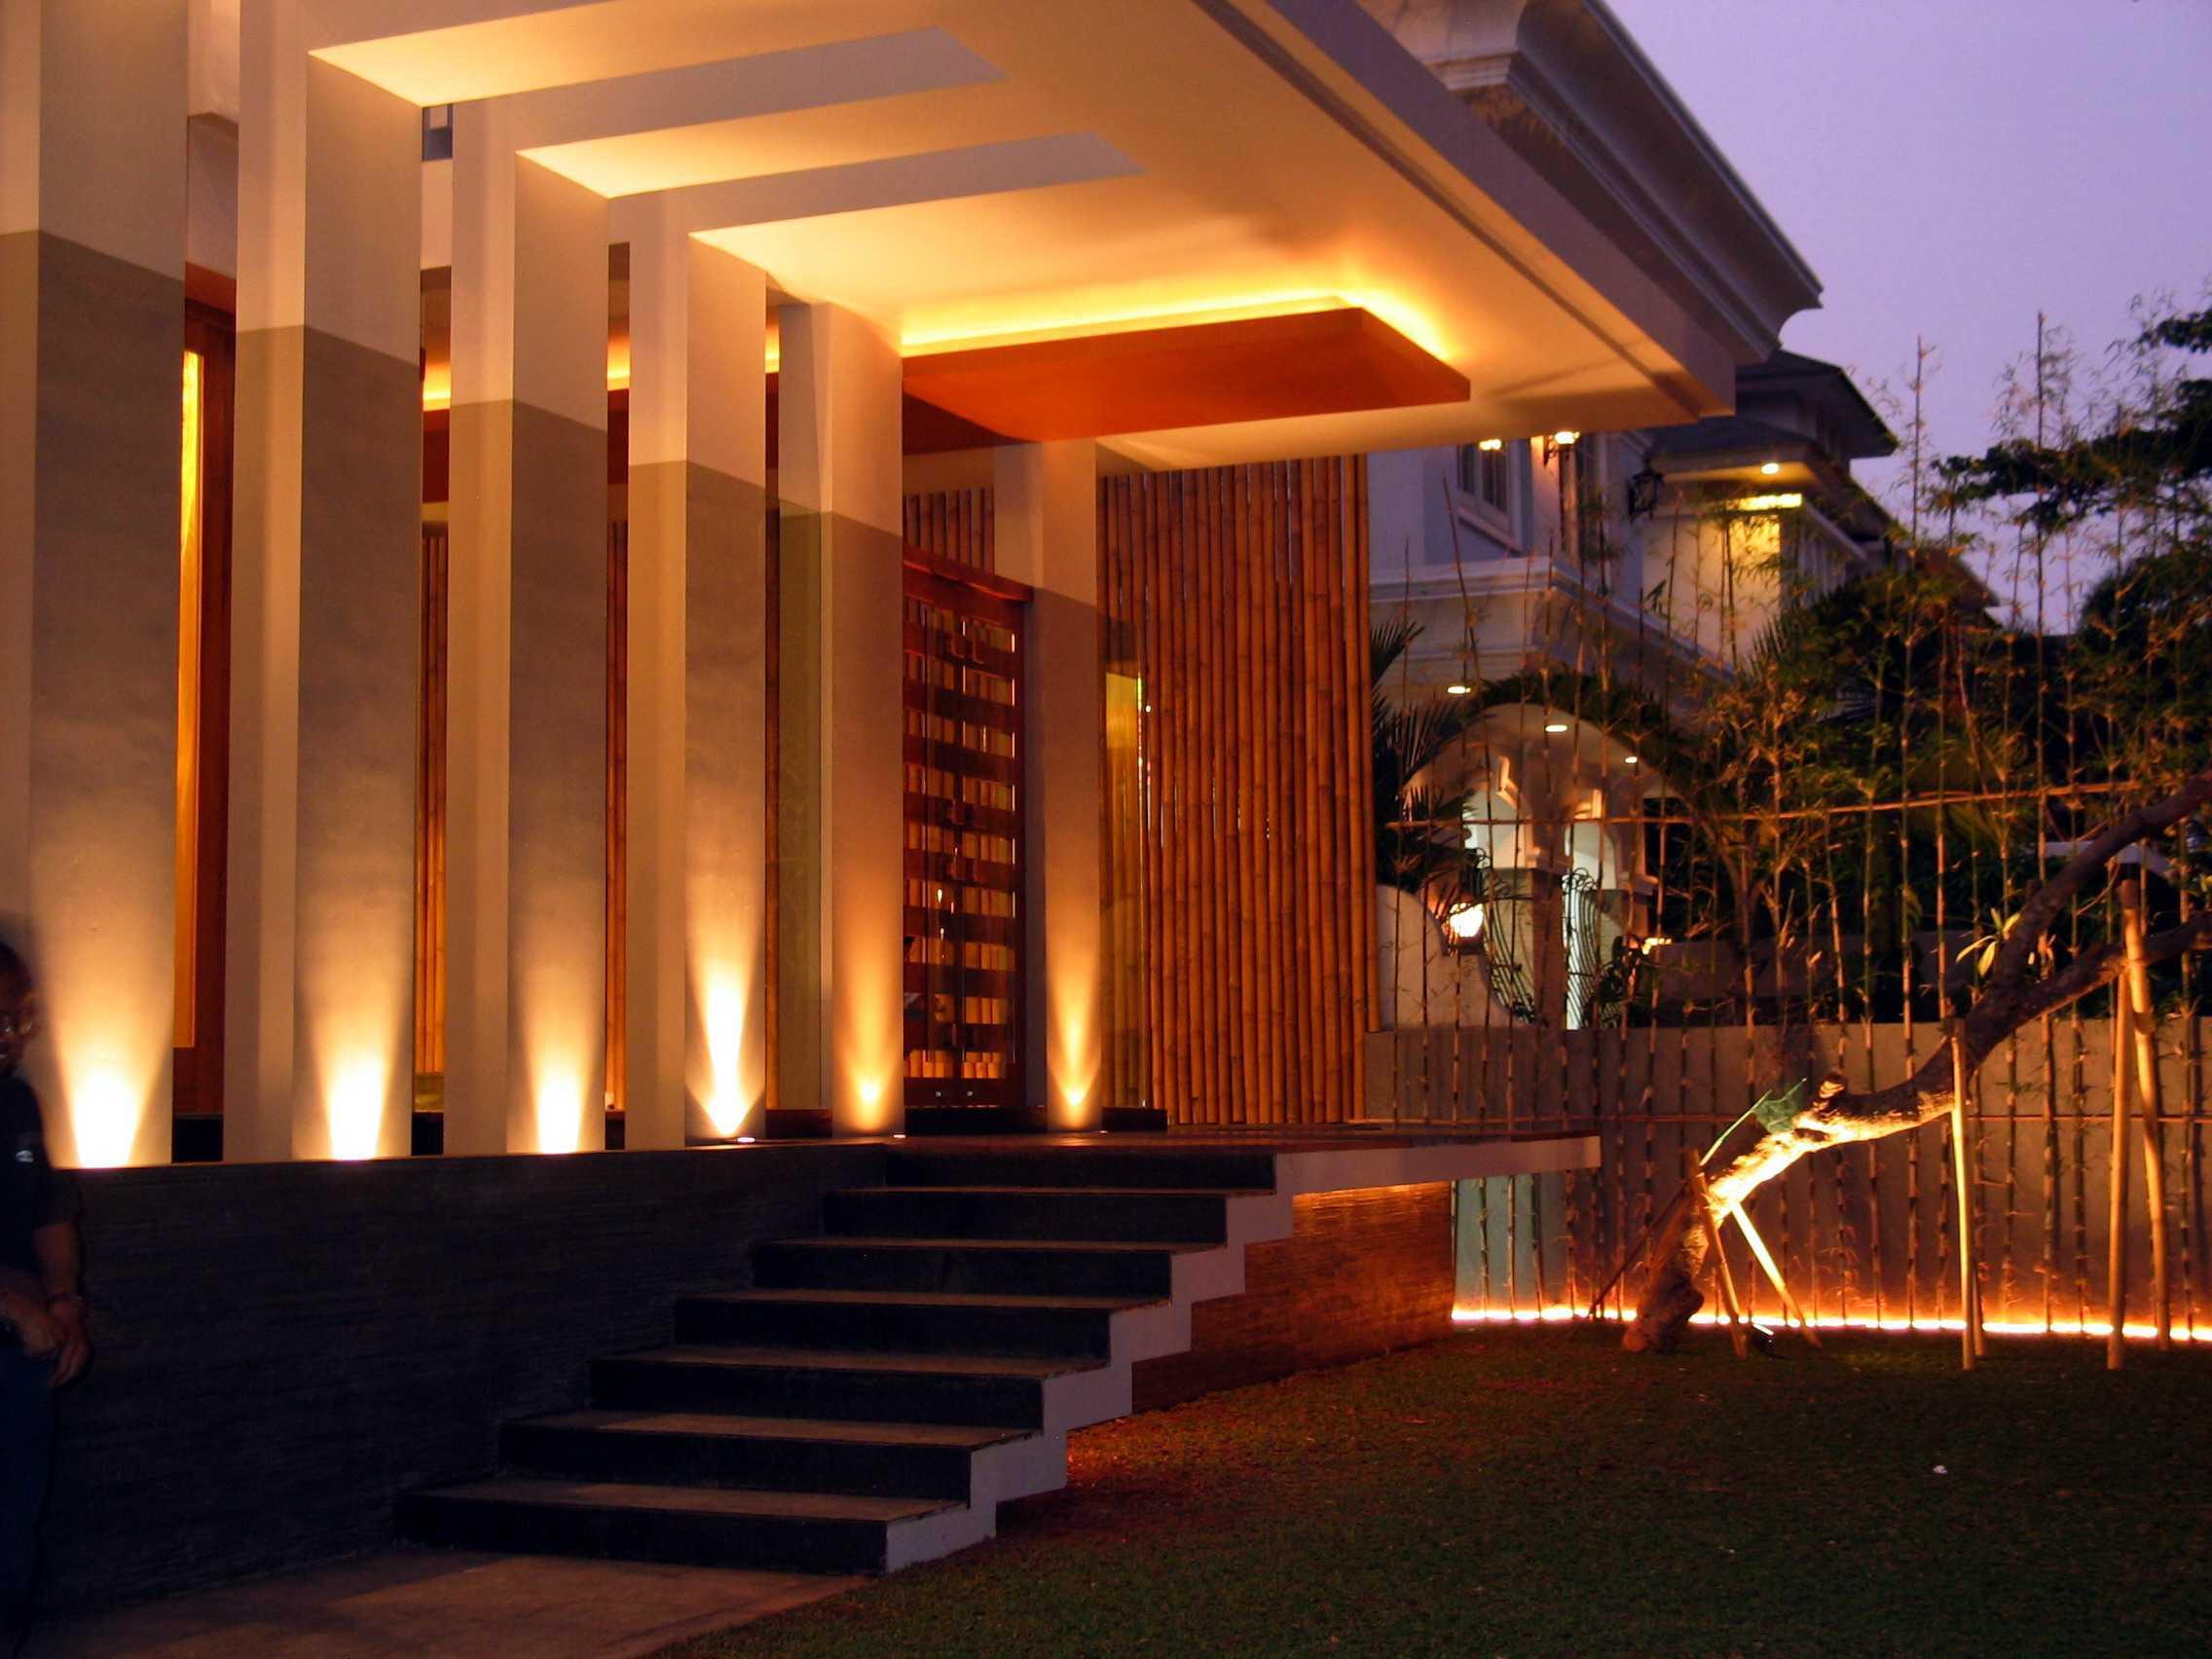 Herryj Architects Gv House Lippo Karawaci Lippo Karawaci Front Area Tropis  23924